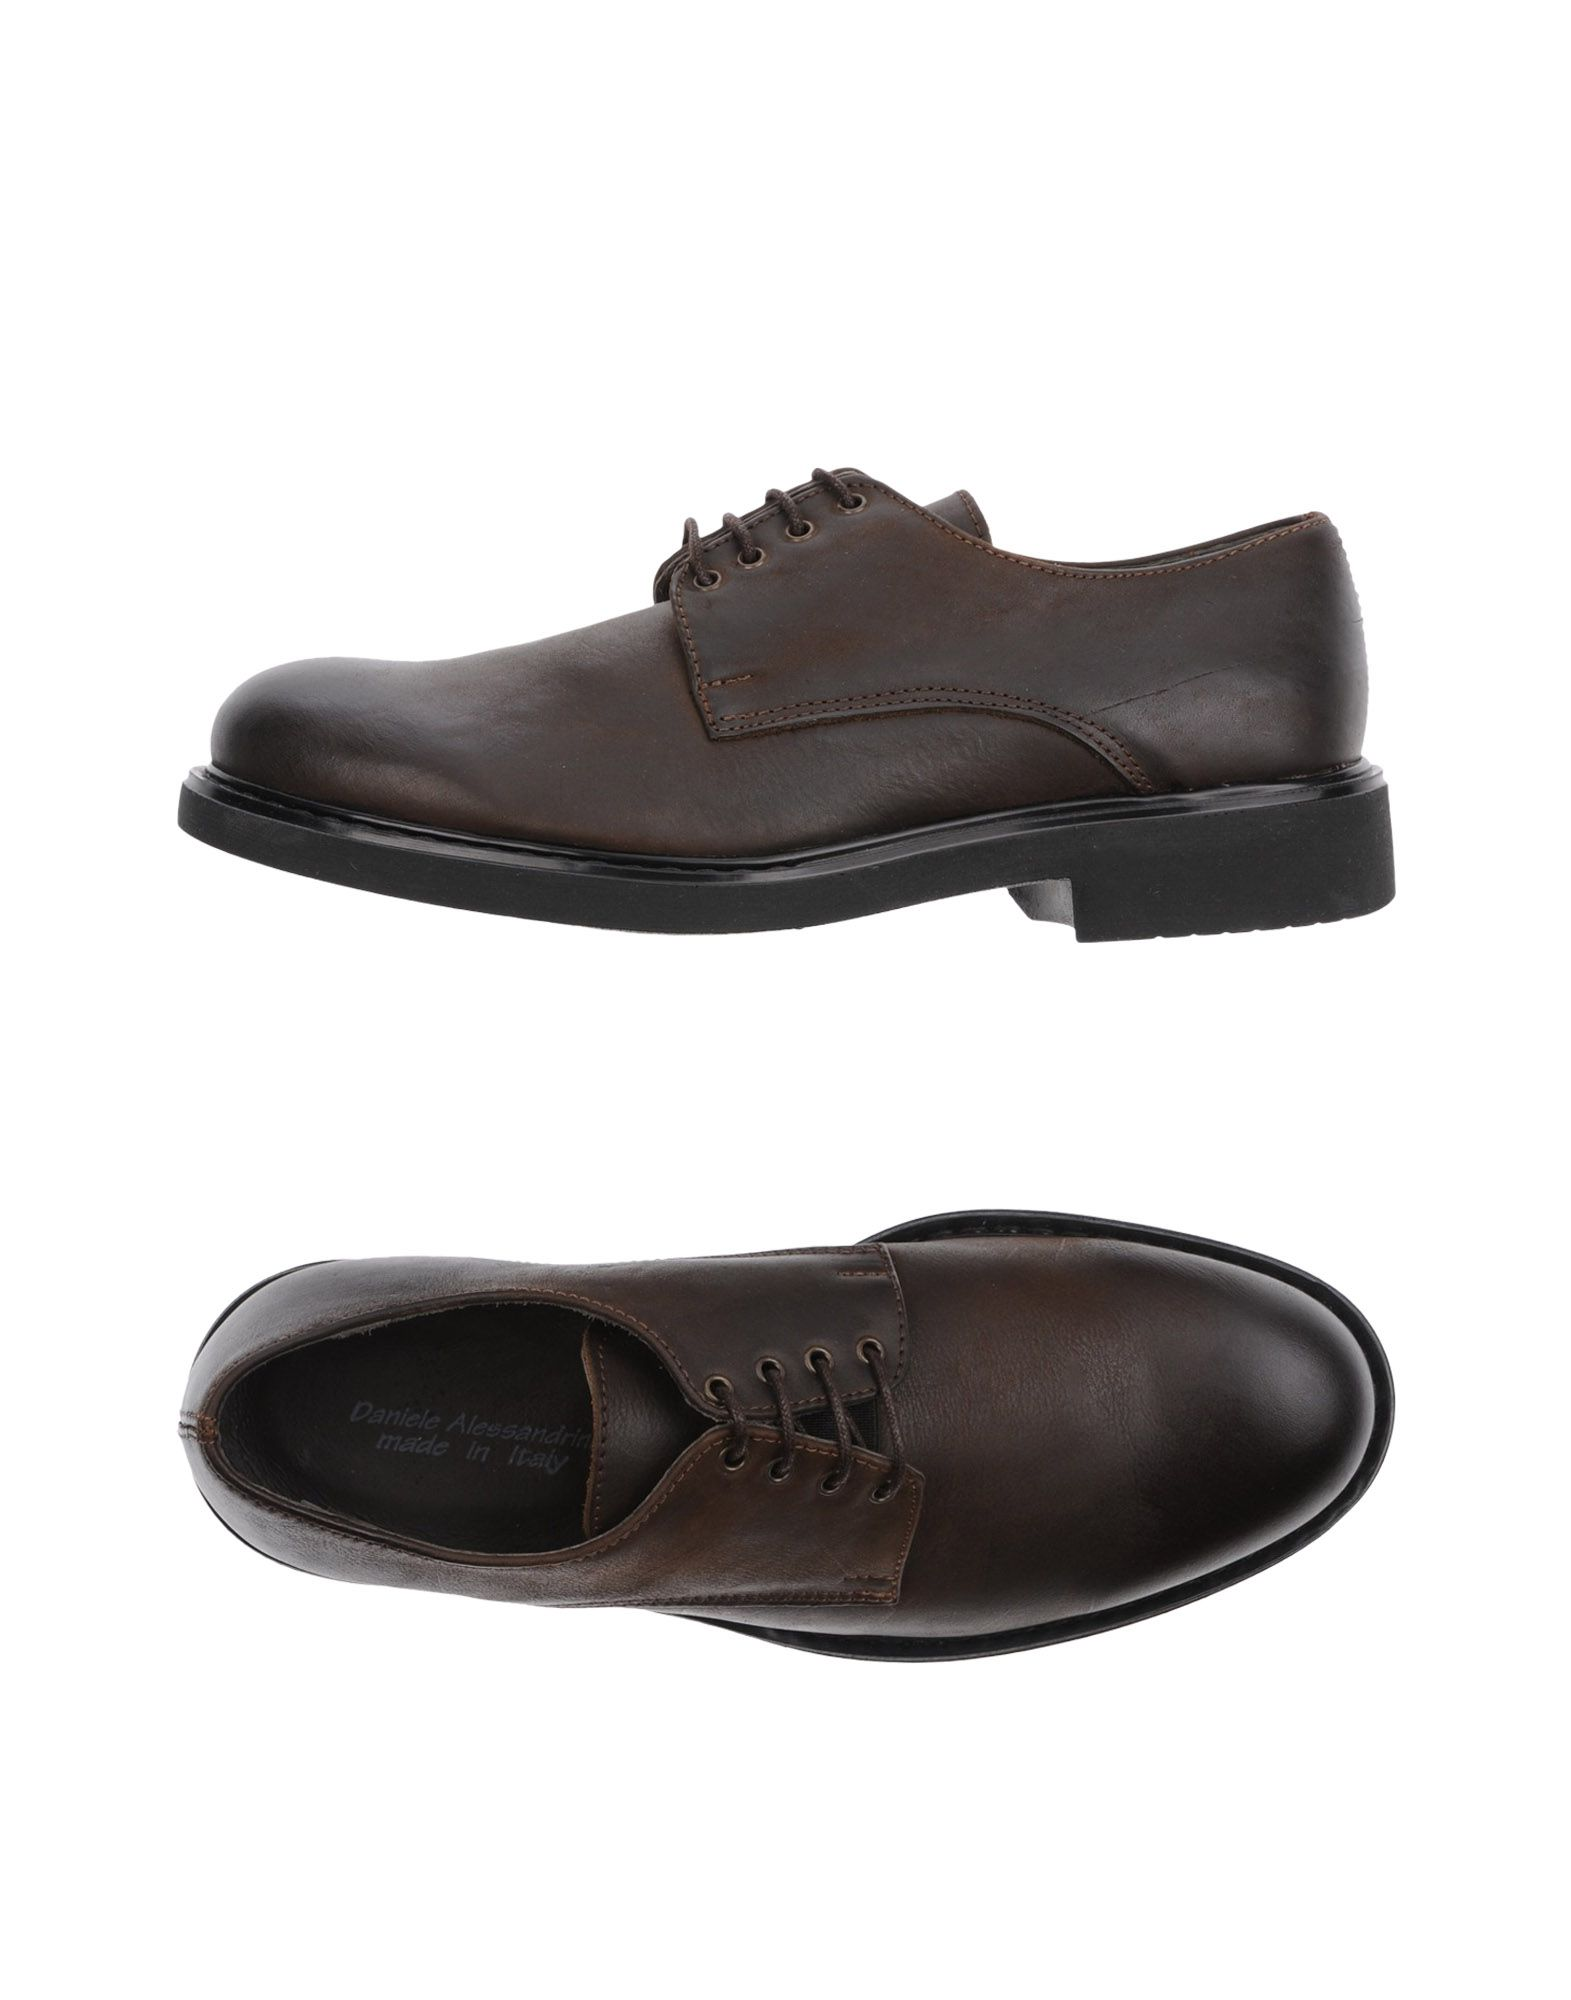 Rabatt echte Schuhe Daniele Alessandrini Schnürschuhe Herren  11288377QK